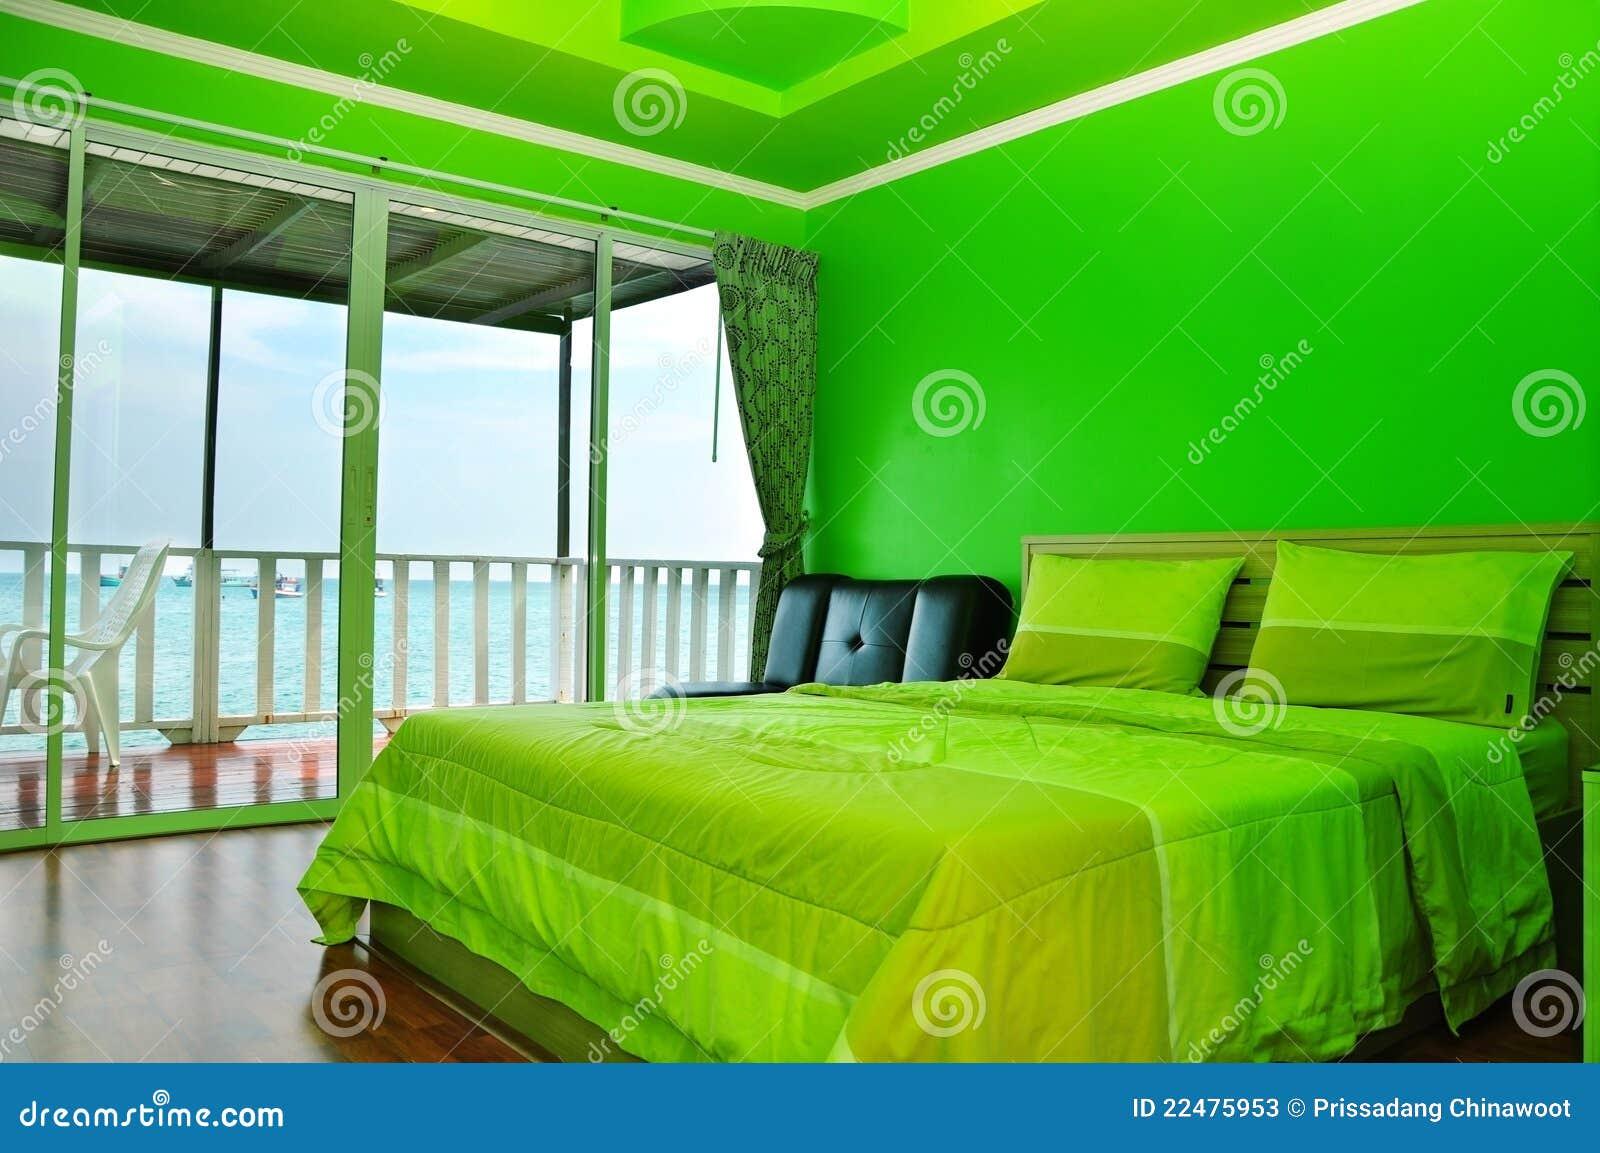 Afbeelding Voor Slaapkamer : Absoluut groene slaapkamer in toevlucht ...